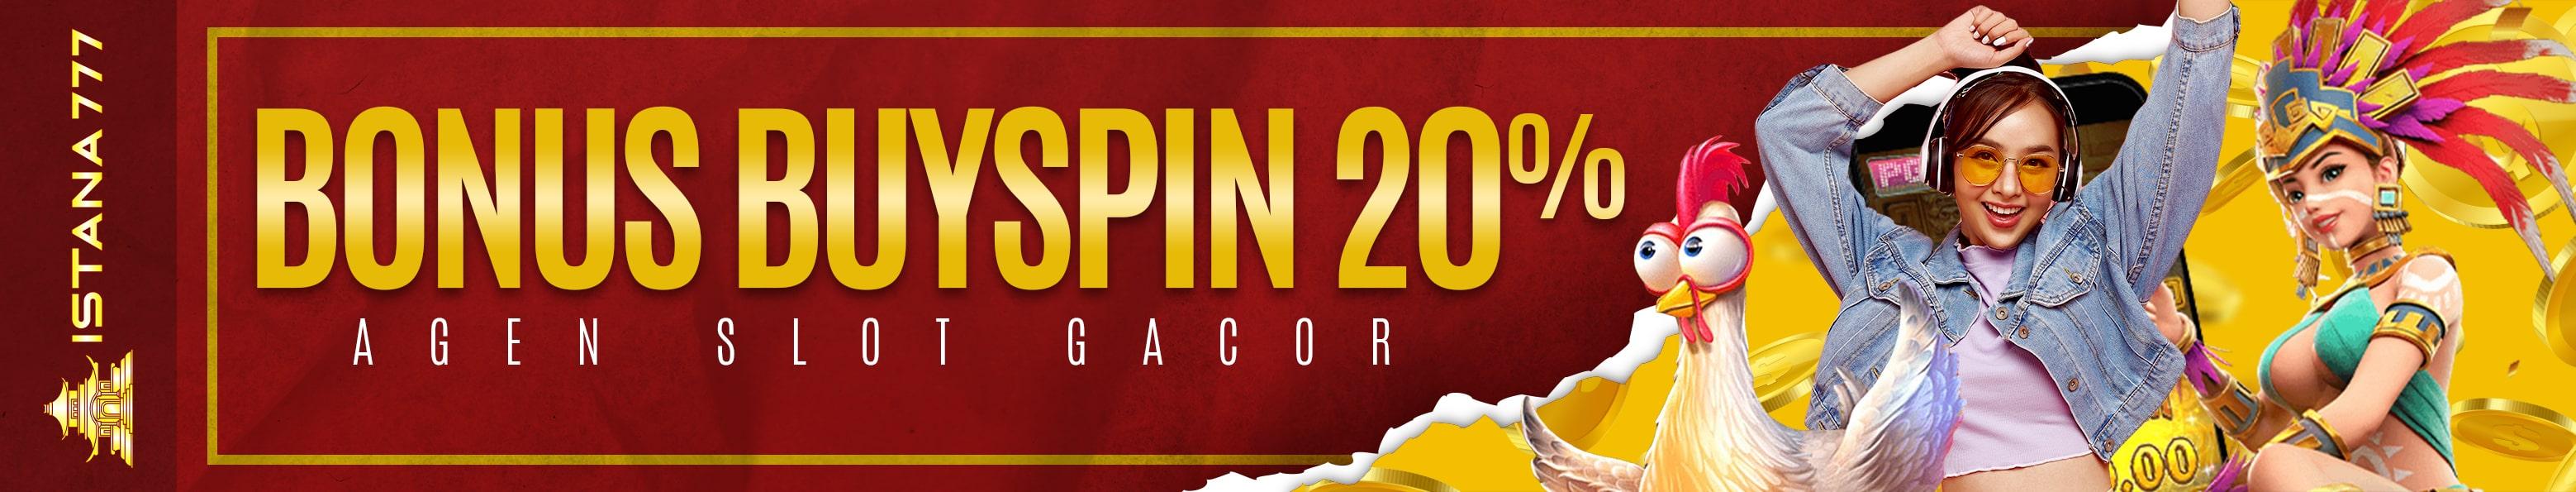 Bonus Buy Spin 20%